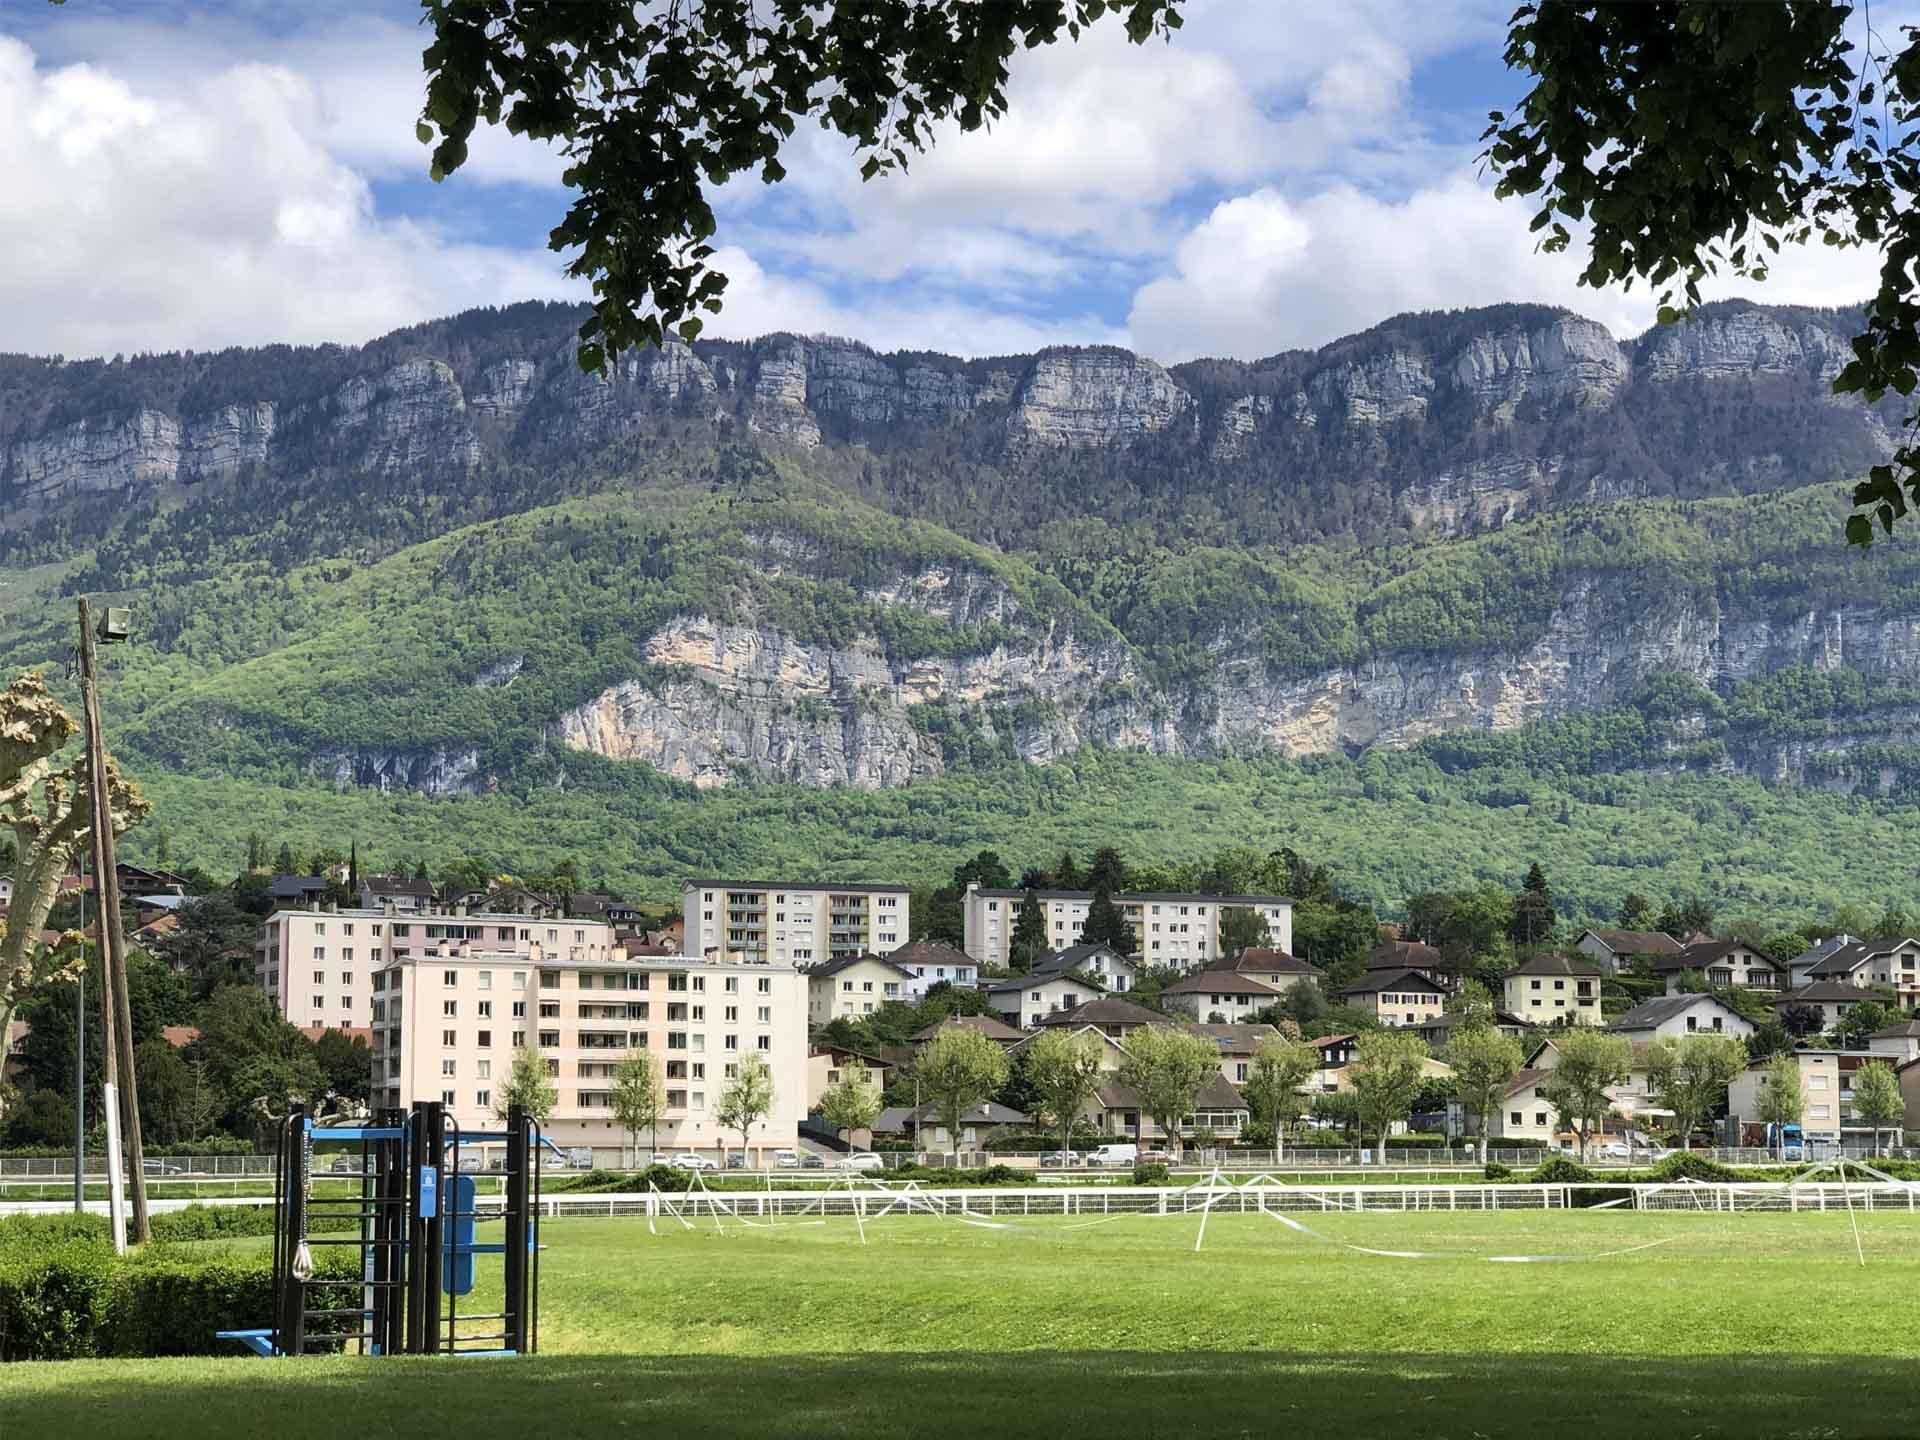 Photo d'un équipement sportif AirFit à Aix les Bains avec les montagnes en arrière plan